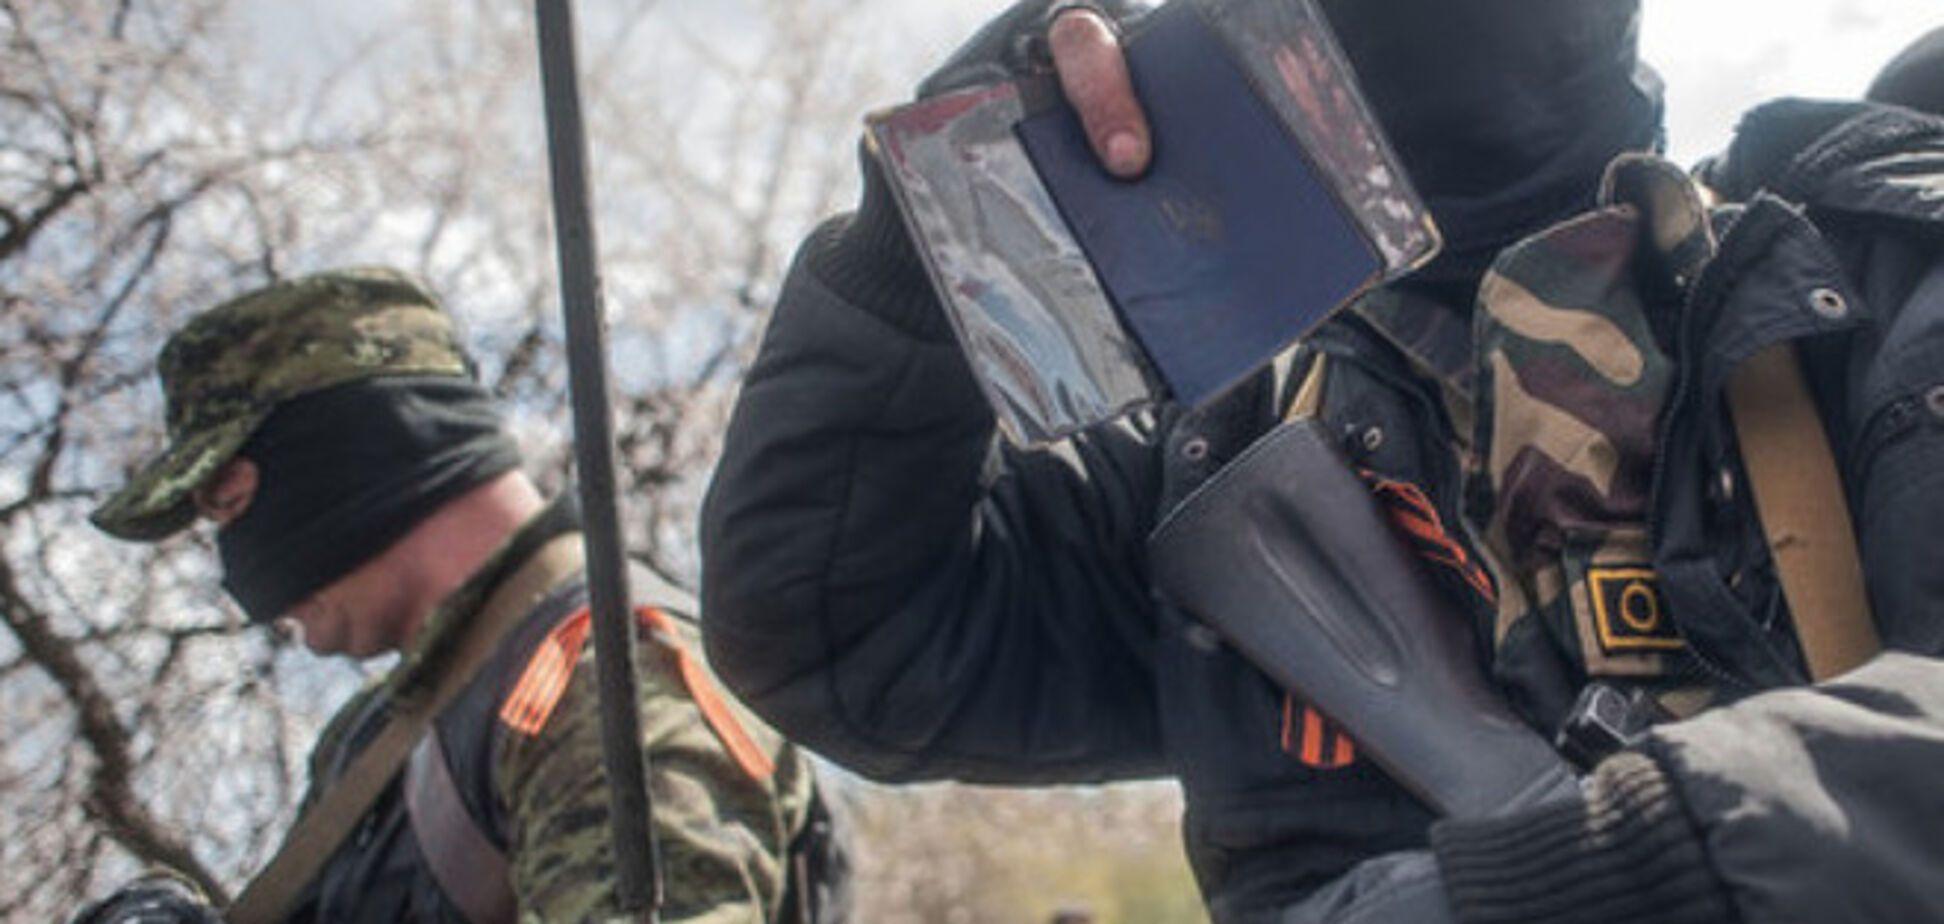 Террористы ставят пометки в паспорта жителей Донецка, чтобы те не покидали город